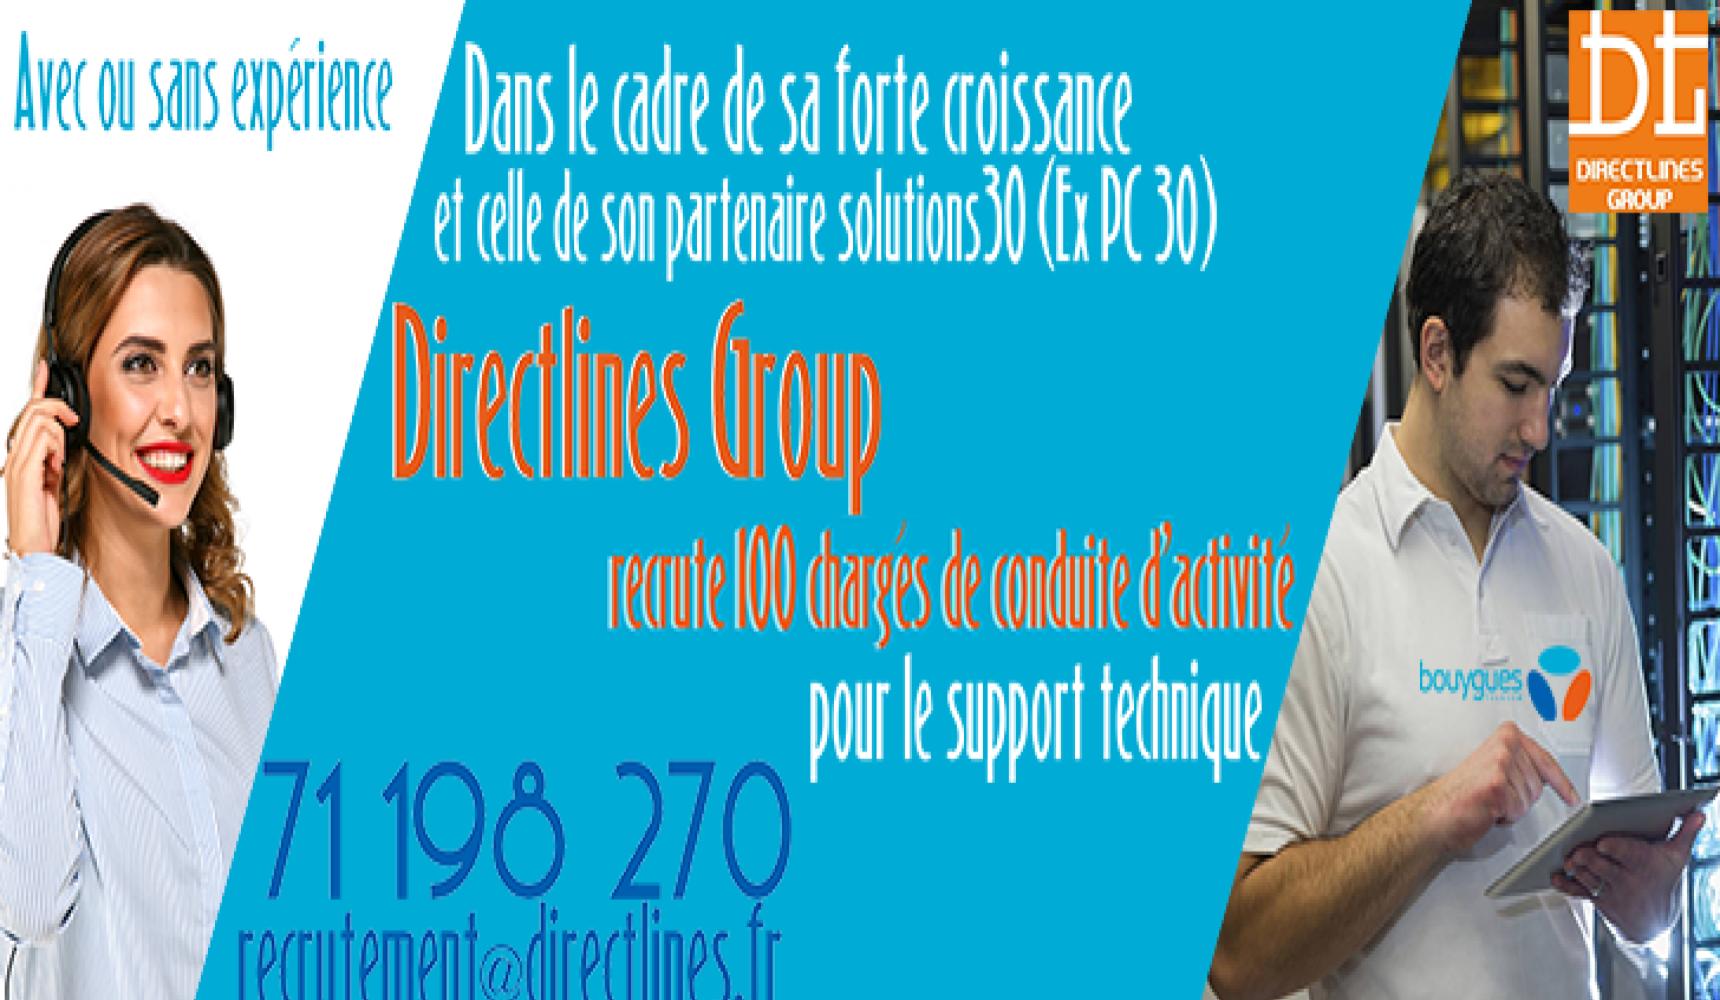 Directlines Groupe recrute 100 Chargés de Conduite d'Activité